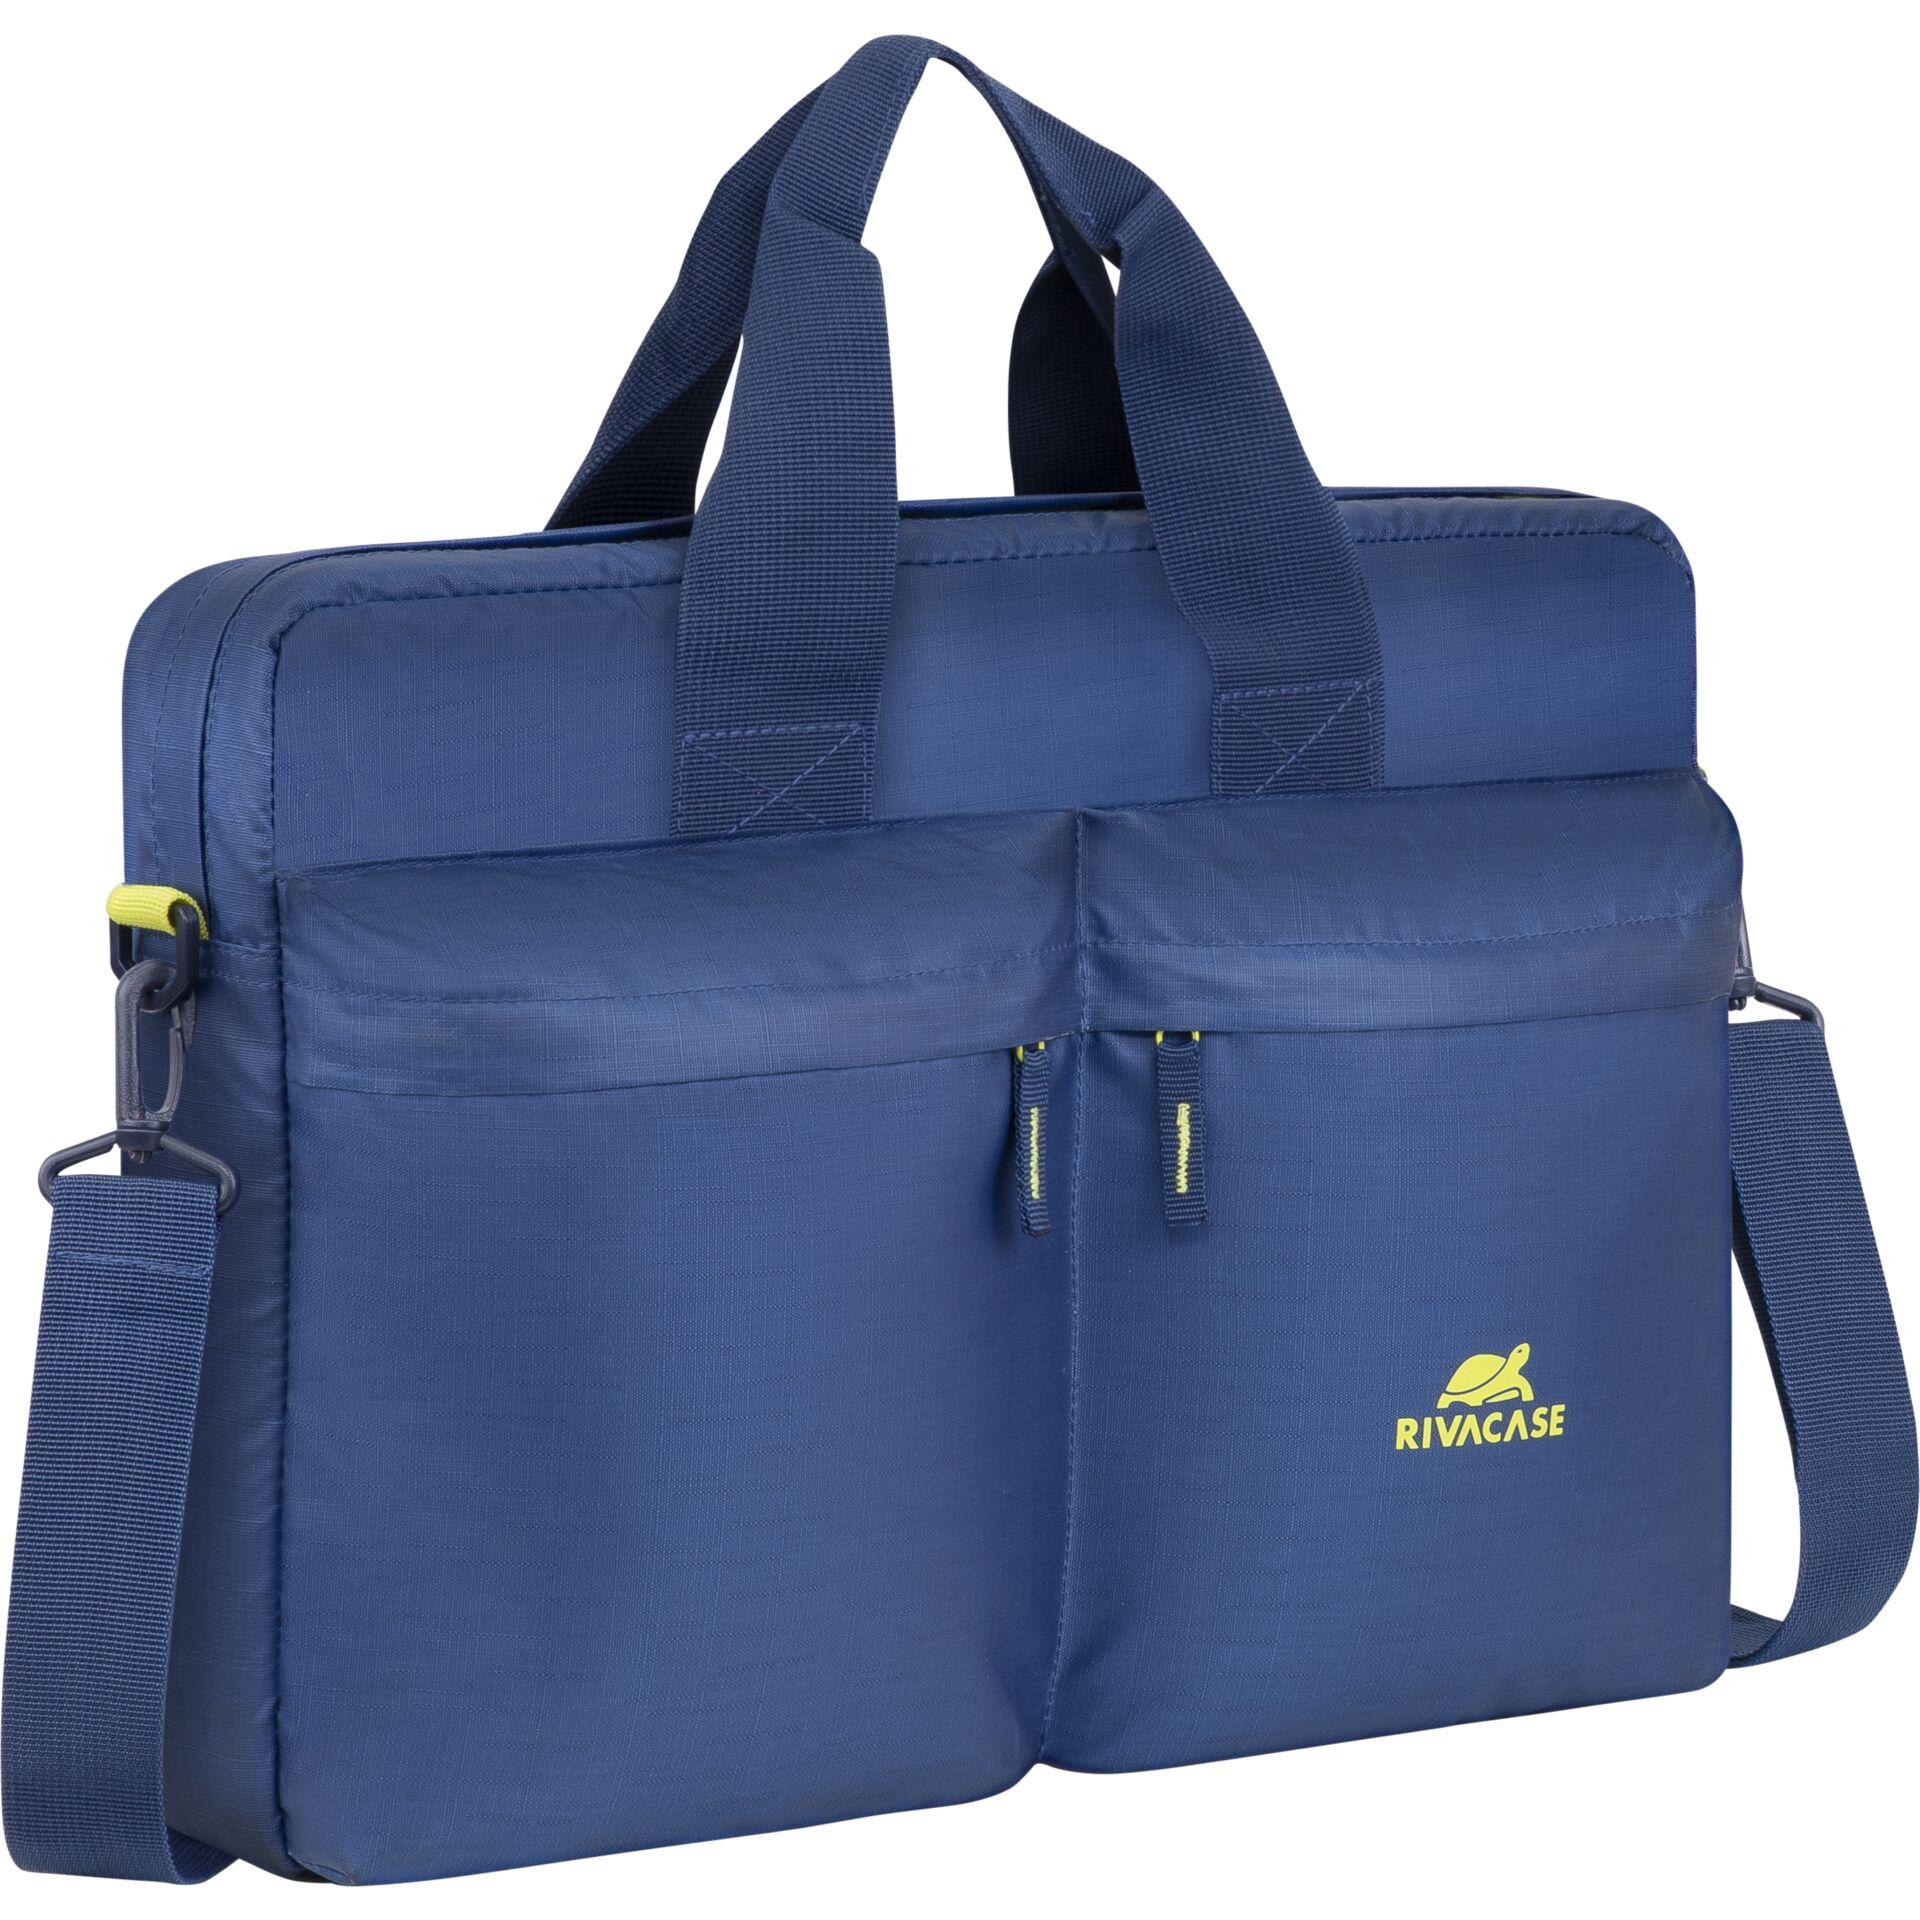 Rivacase 5532 Lite Urban Laptop Bag 16 blue